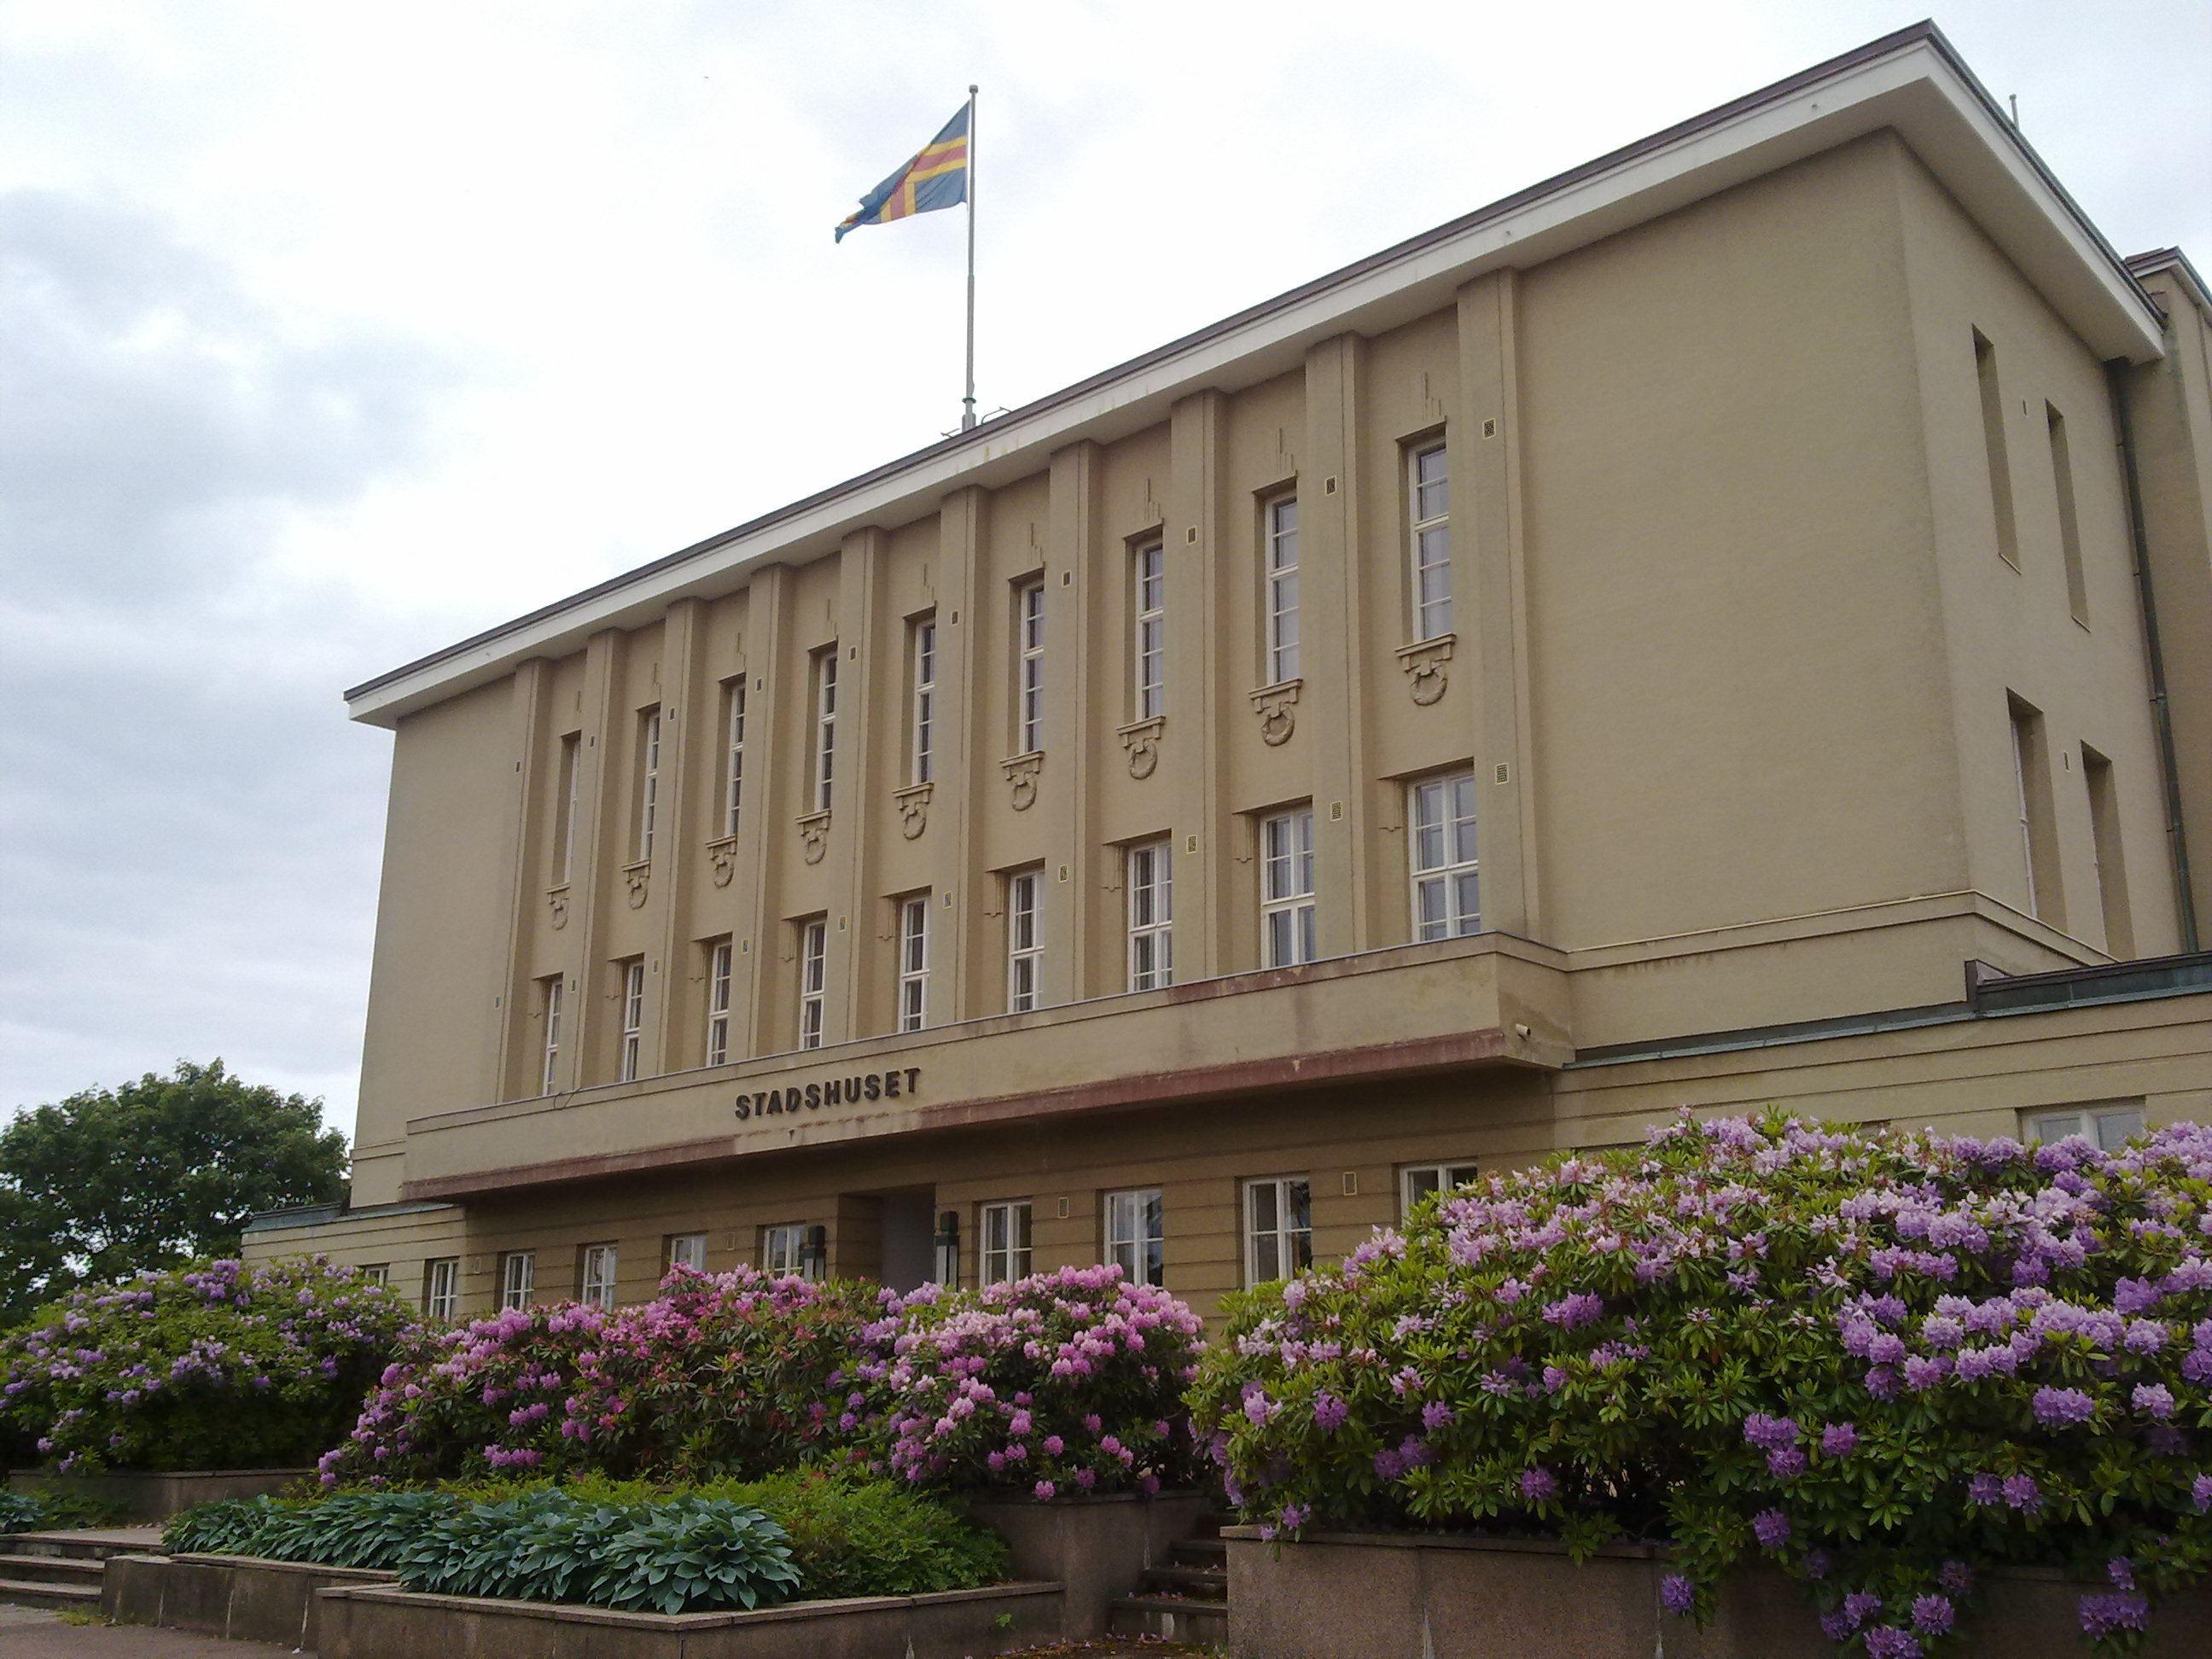 Heidi Ikonen, Mariehamns stadshus (Maarianhaminan kaupungintalo)